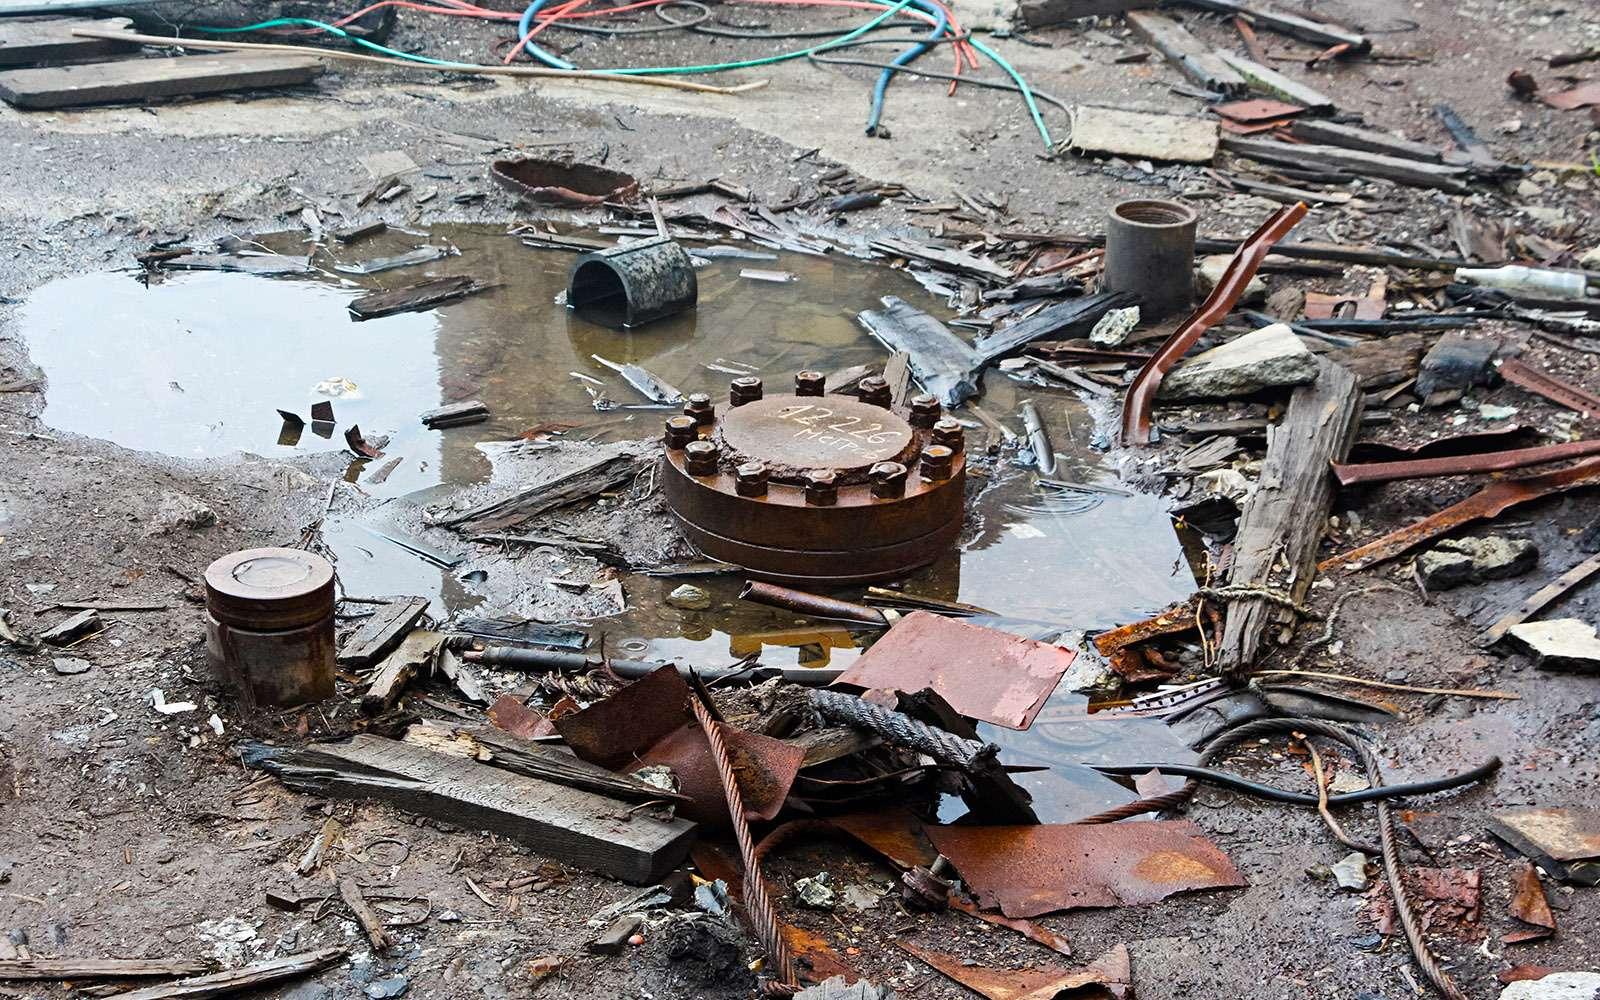 Накроссоверах Ford поКольскому полуострову: парк ледникового периода— фото 657942